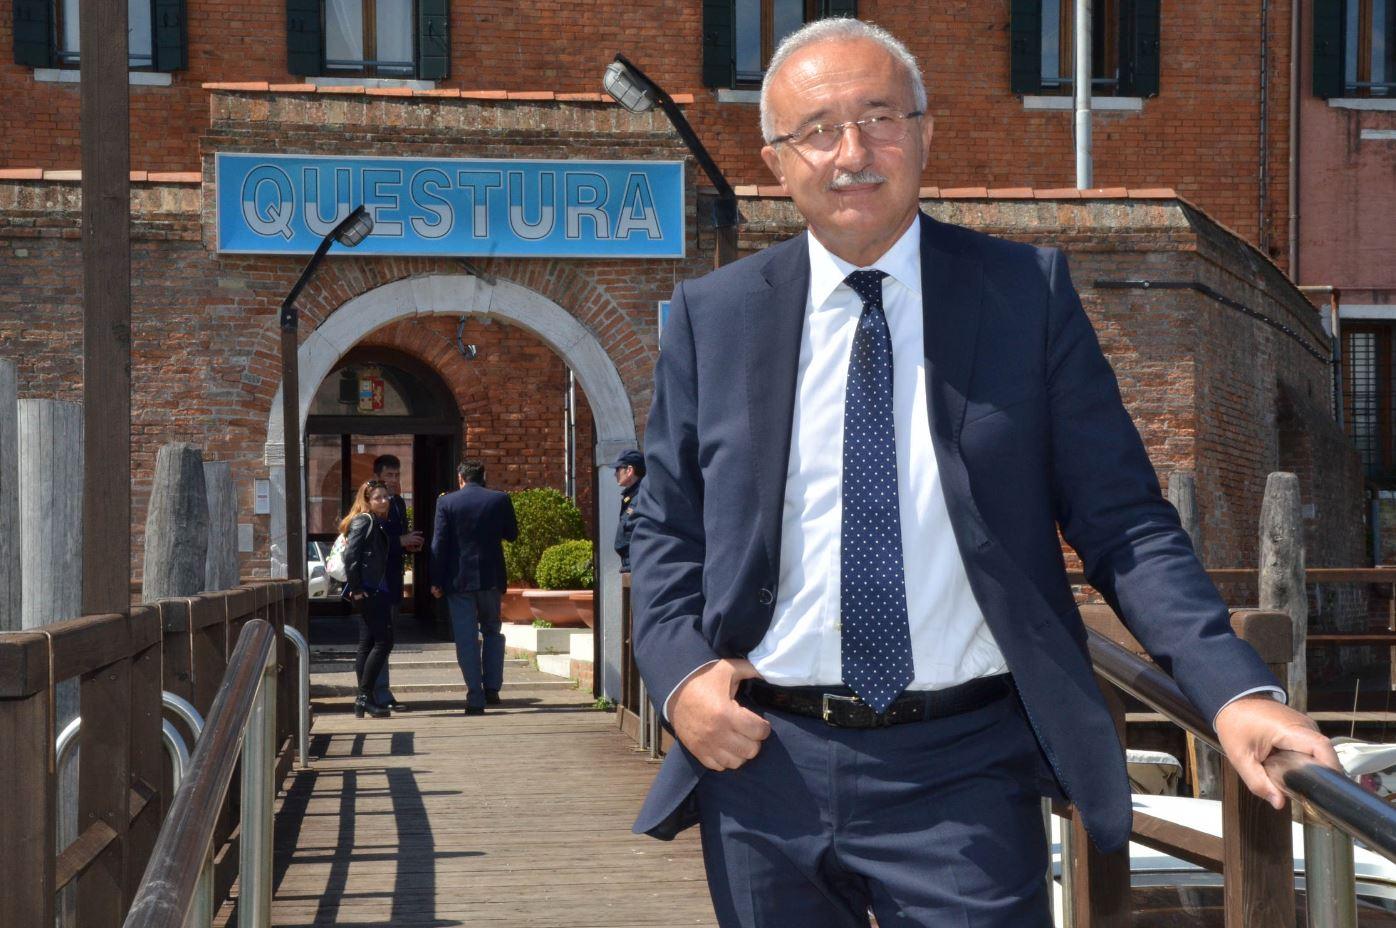 Polizia di stato questure sul web venezia for Questura di venezia marghera permesso di soggiorno